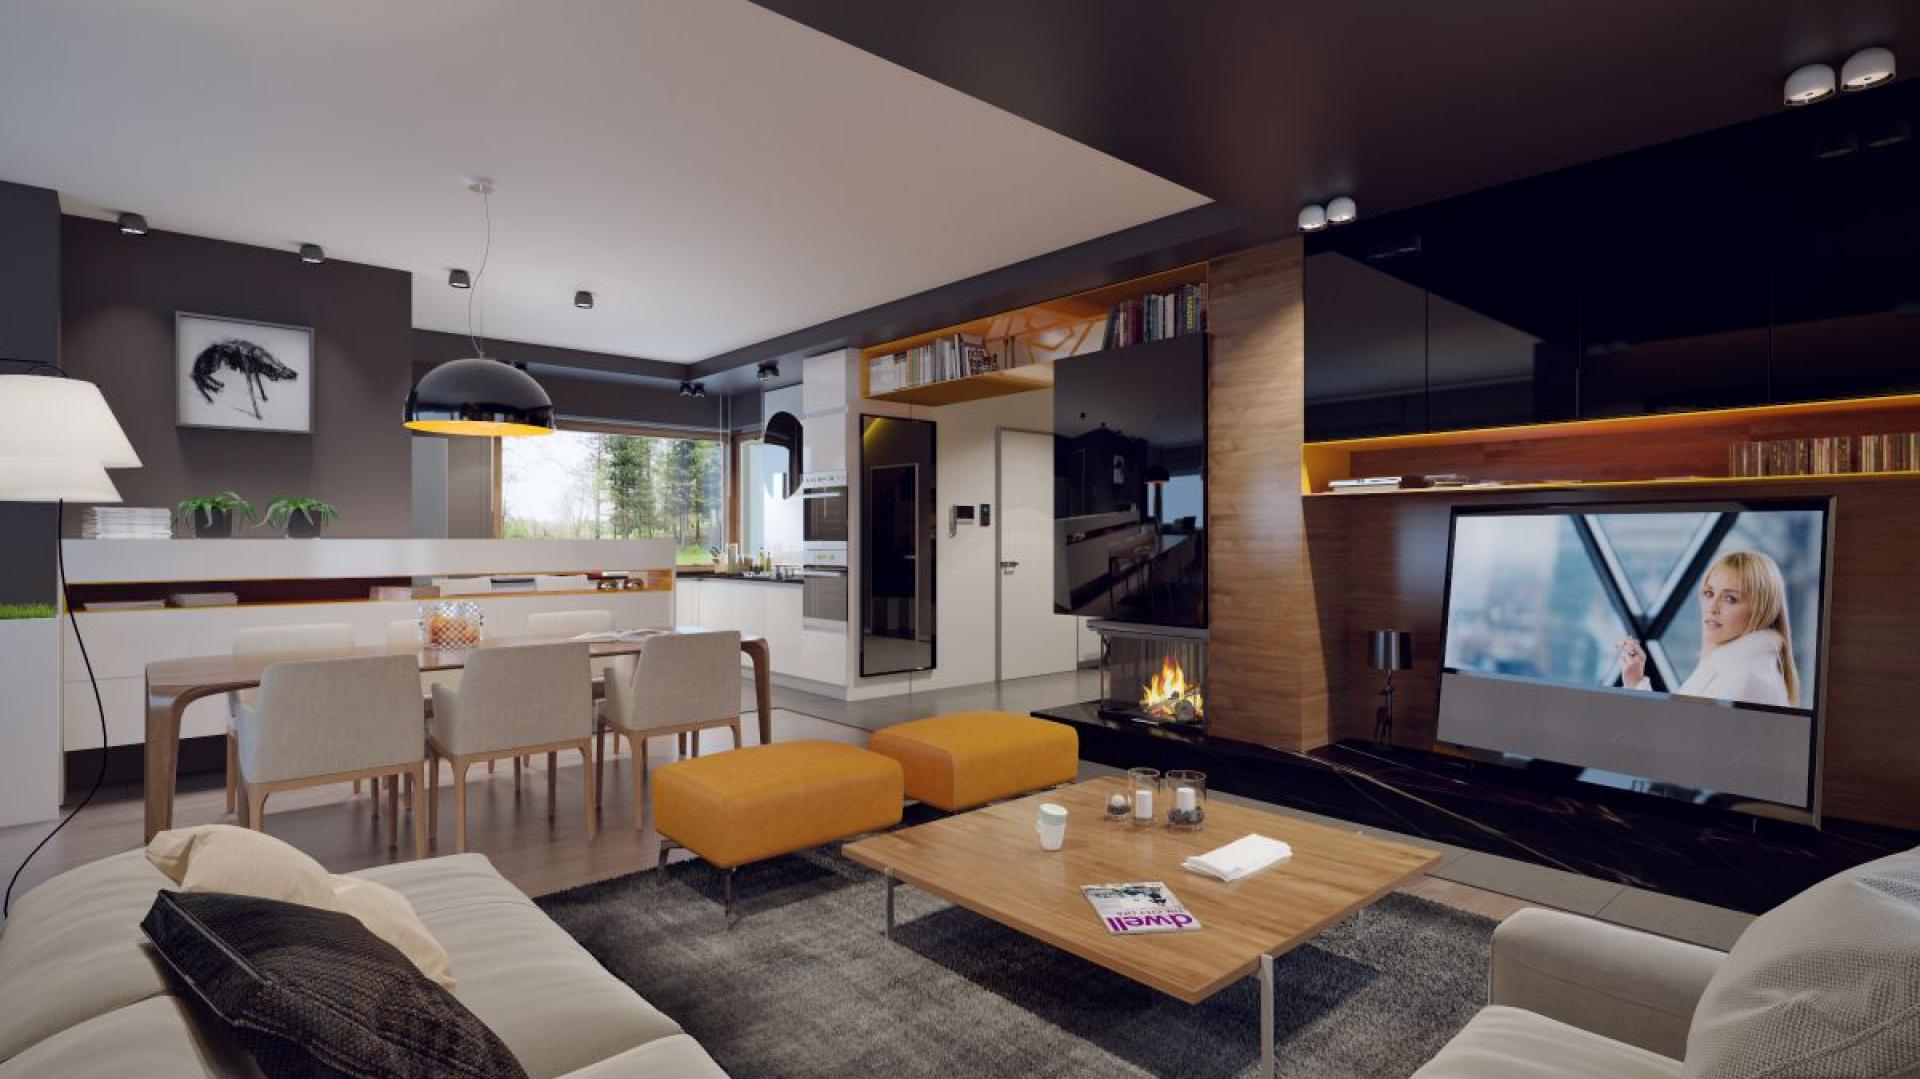 Powierzchnia użytkowa powyżej 160 metrów kwadratowych daje też duże możliwości adaptacji wnętrza. Fot. Archetyp